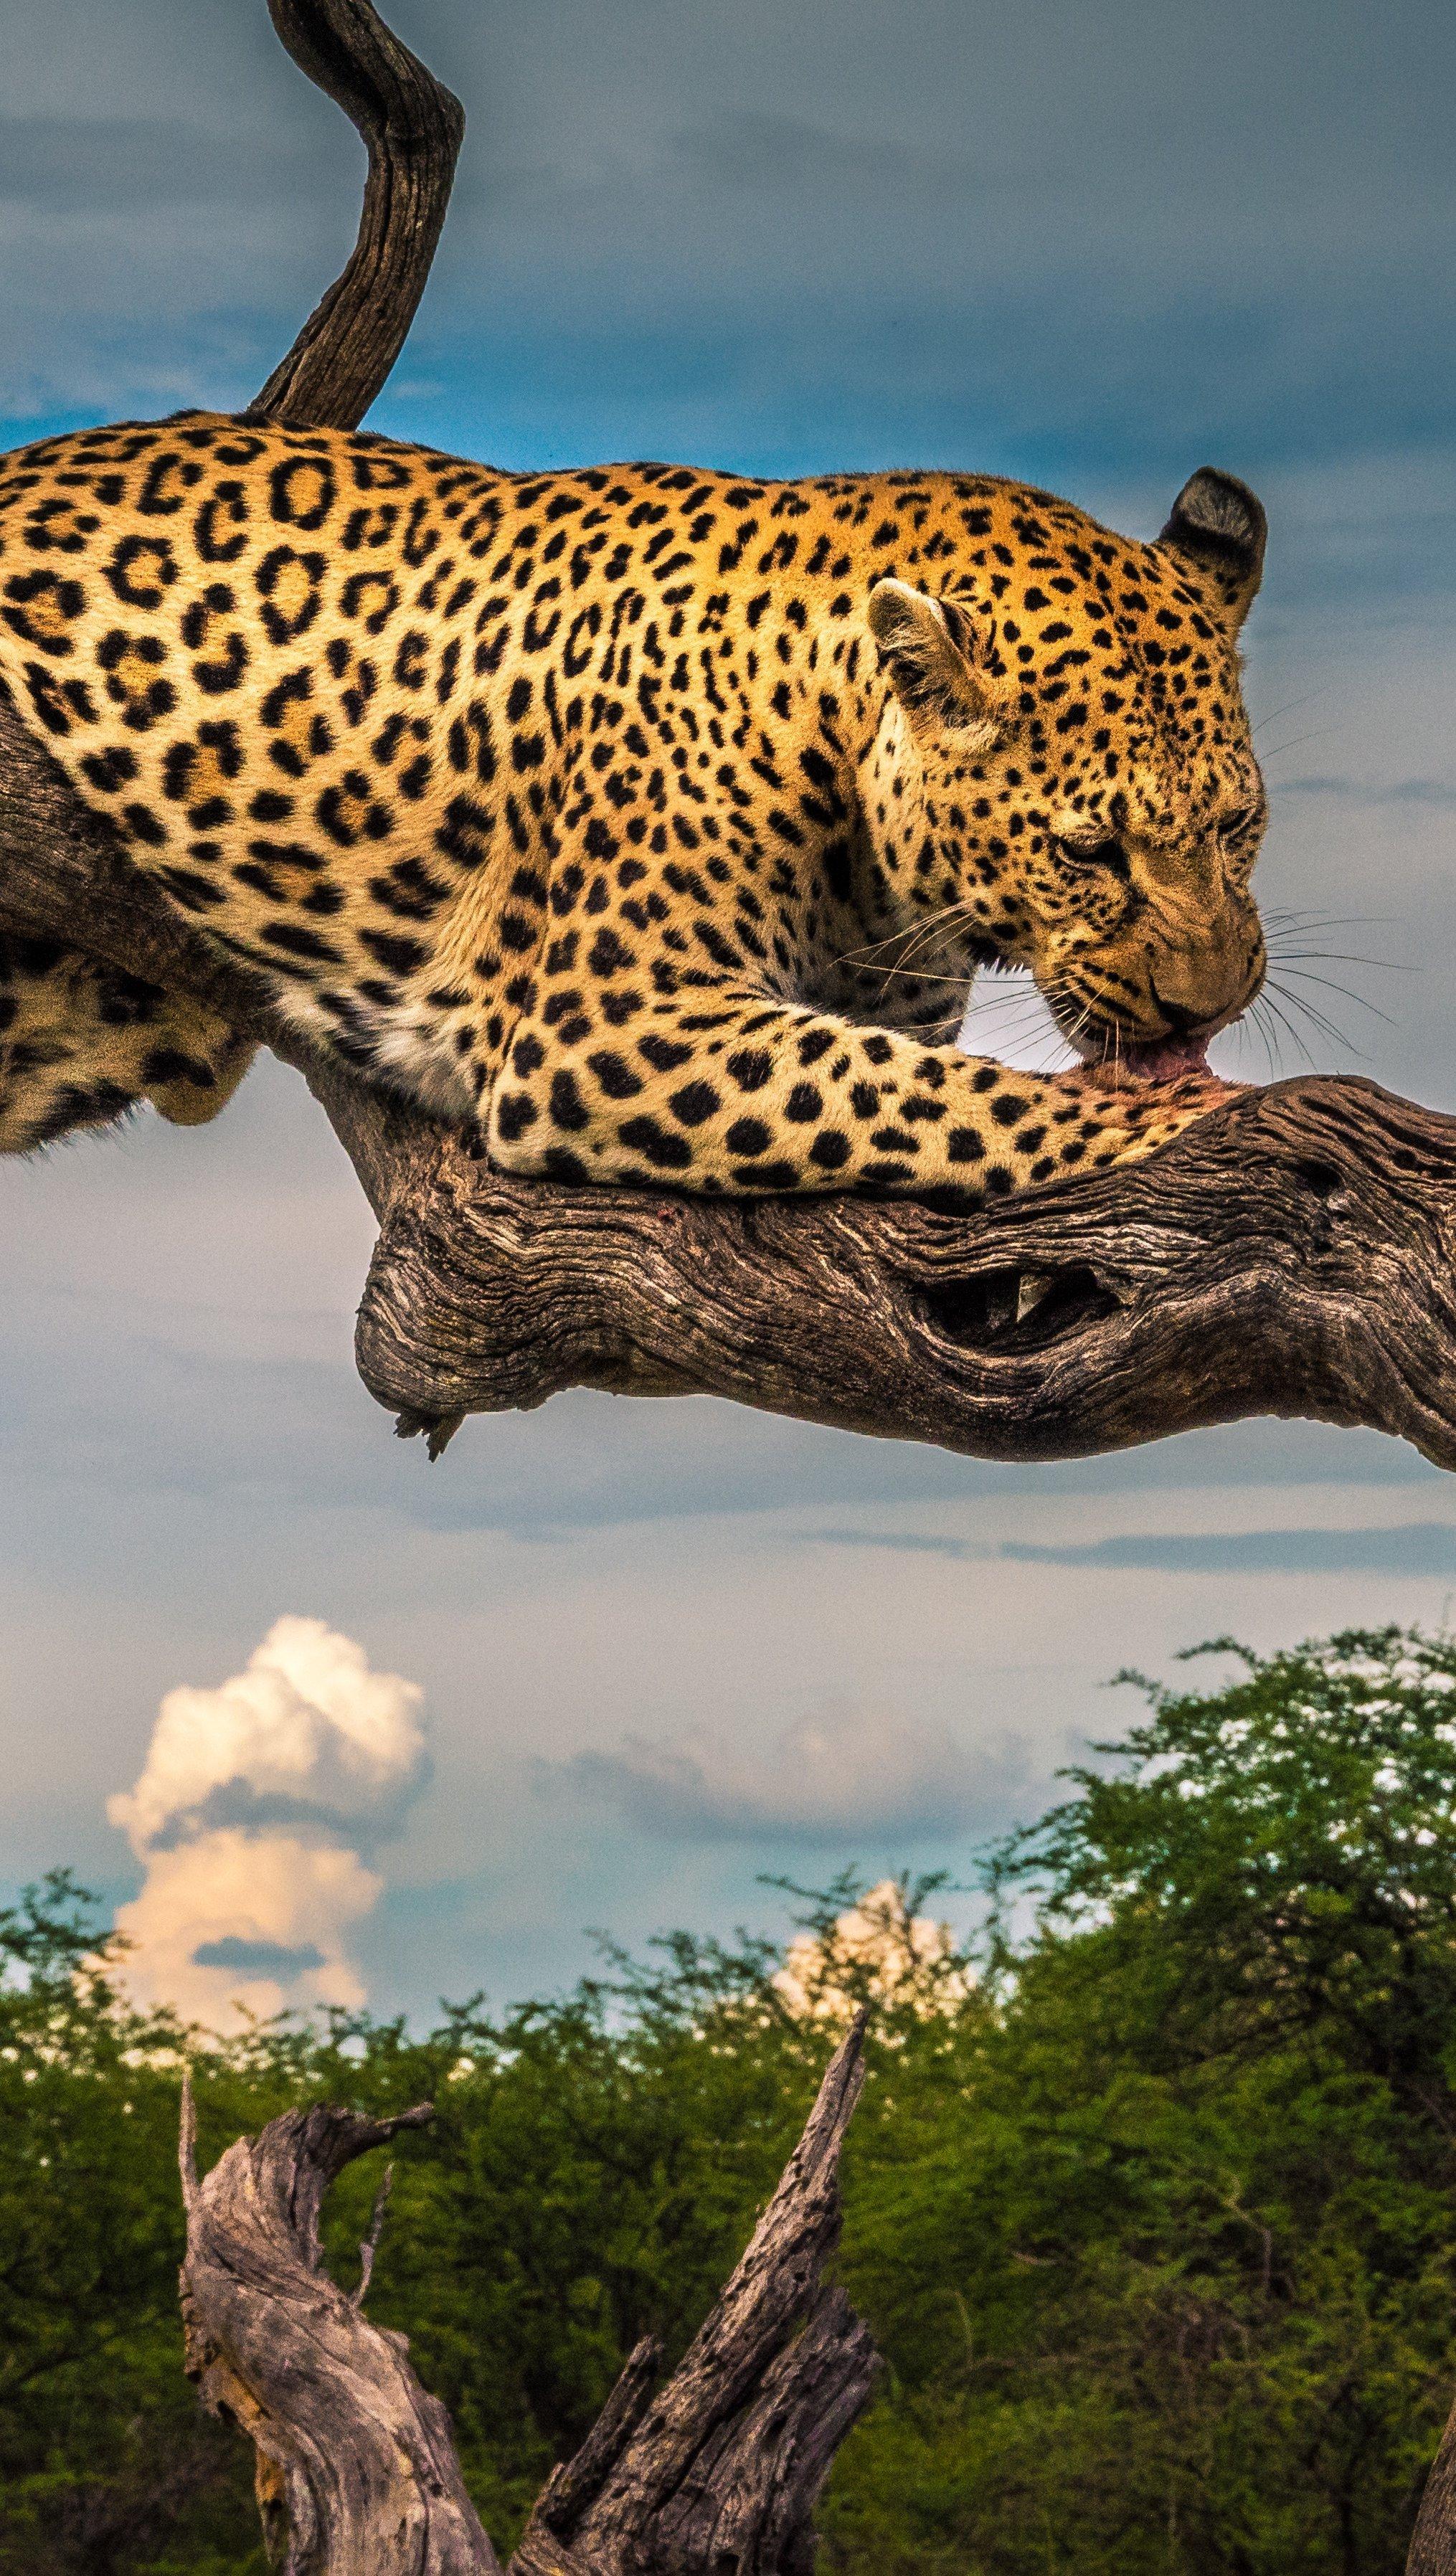 Fondos de pantalla Leopardo lamiendo su pata Vertical